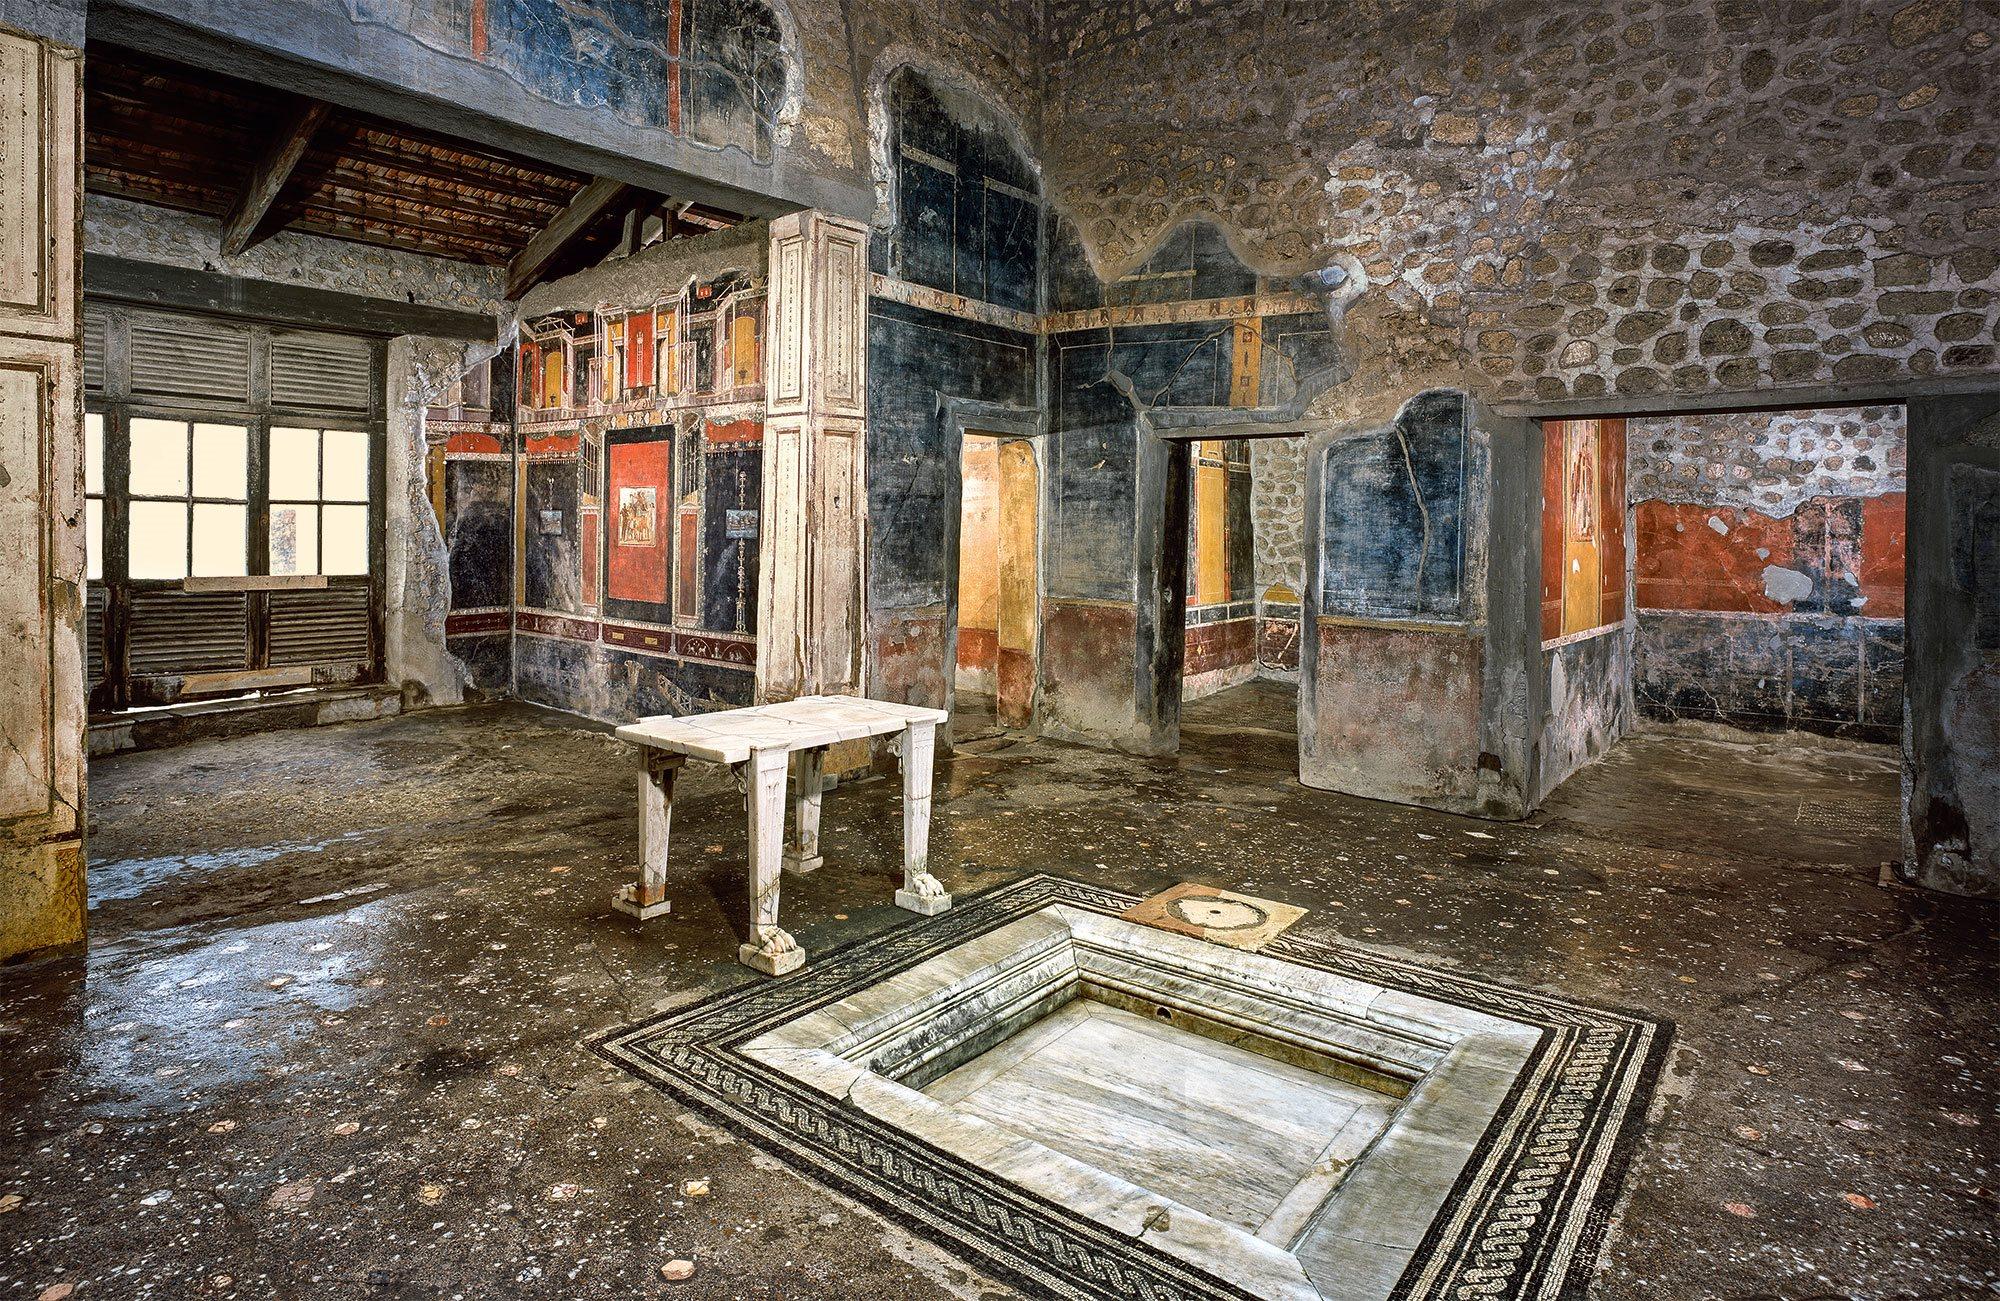 Pompeya la casa de marco lucrecio front n la t nica de neso - Casa in comproprieta e diritto di abitazione ...